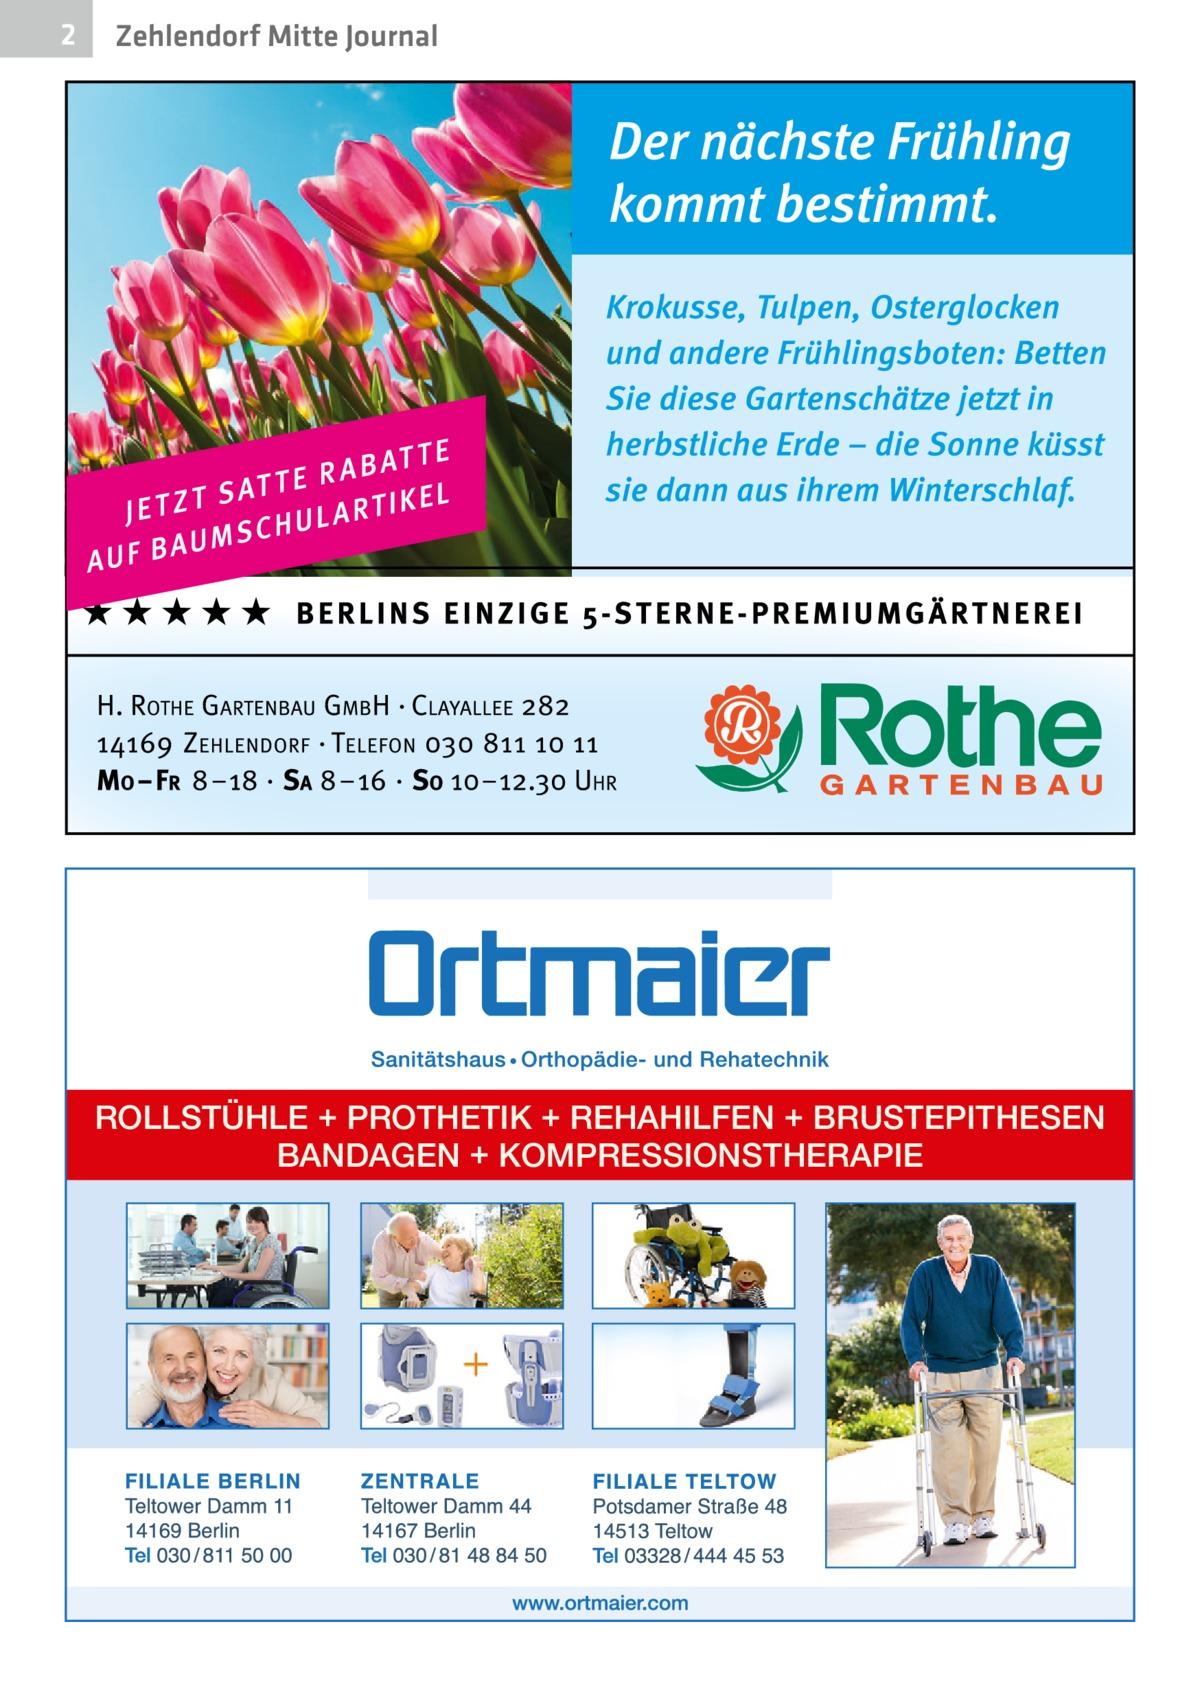 2  Zehlendorf Mitte Journal  ROLLSTÜHLE + PROTHETIK + REHAHILFEN + BRUSTEPITHESEN BANDAGEN + KOMPRESSIONSTHERAPIE